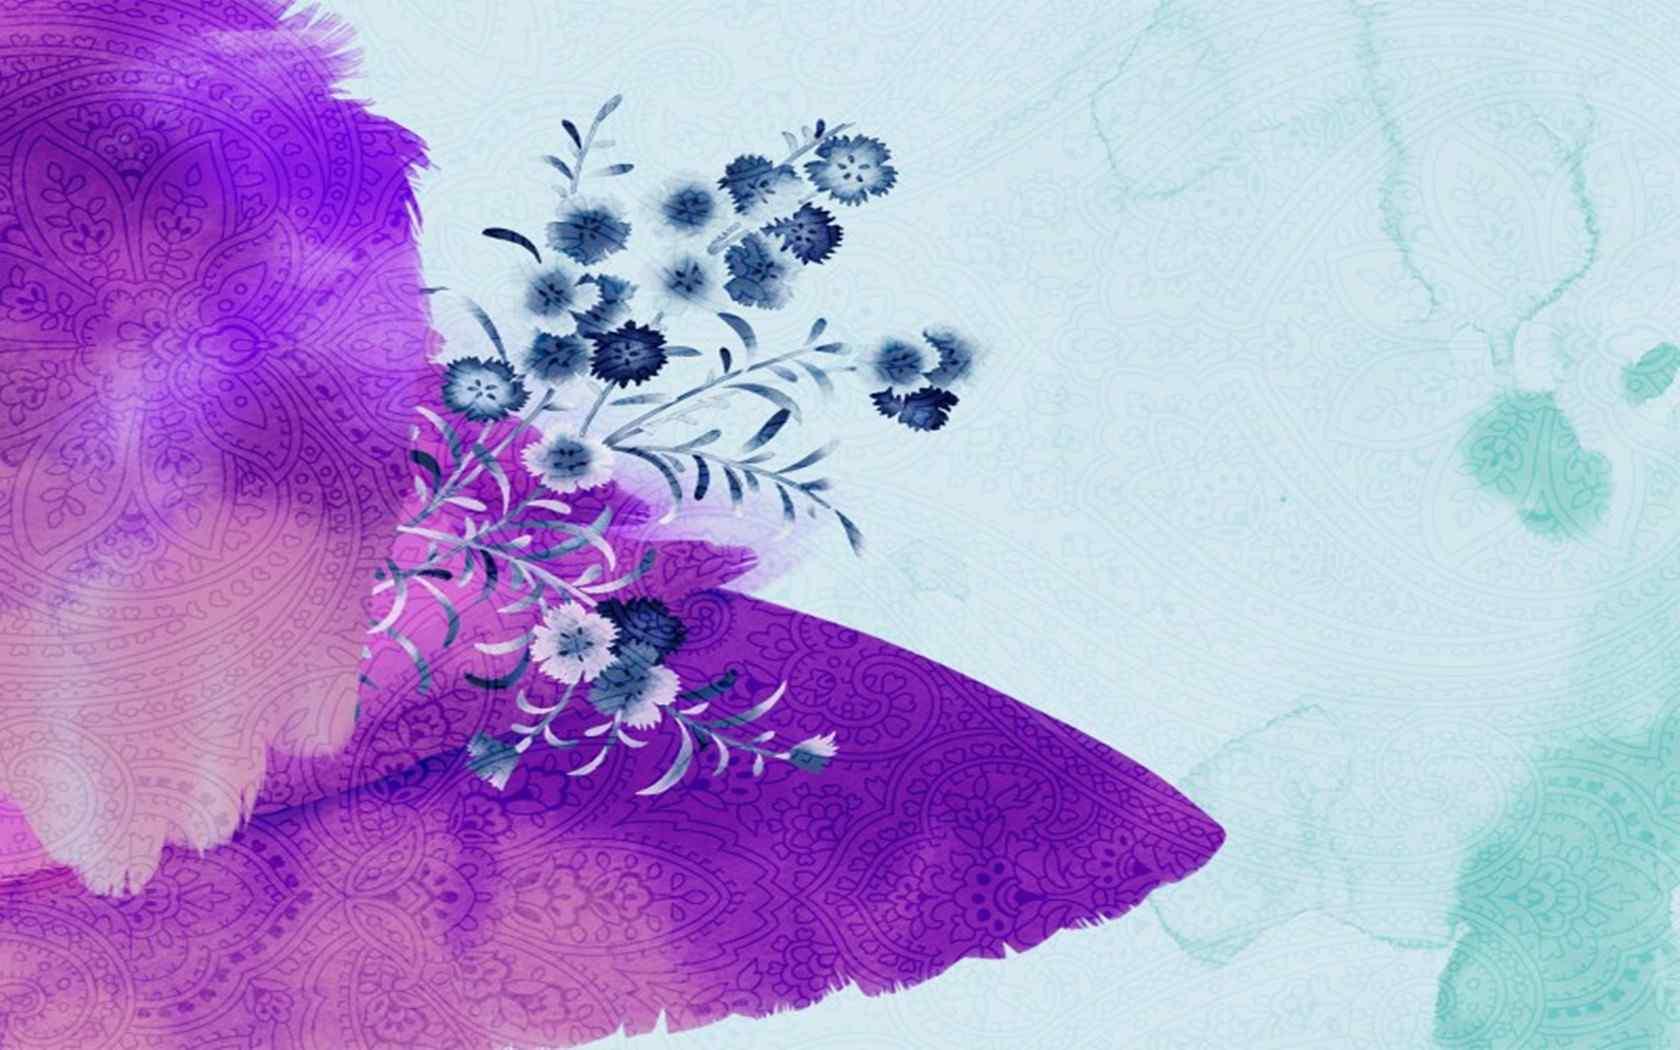 多彩水墨花卉图片电脑桌面壁纸下载